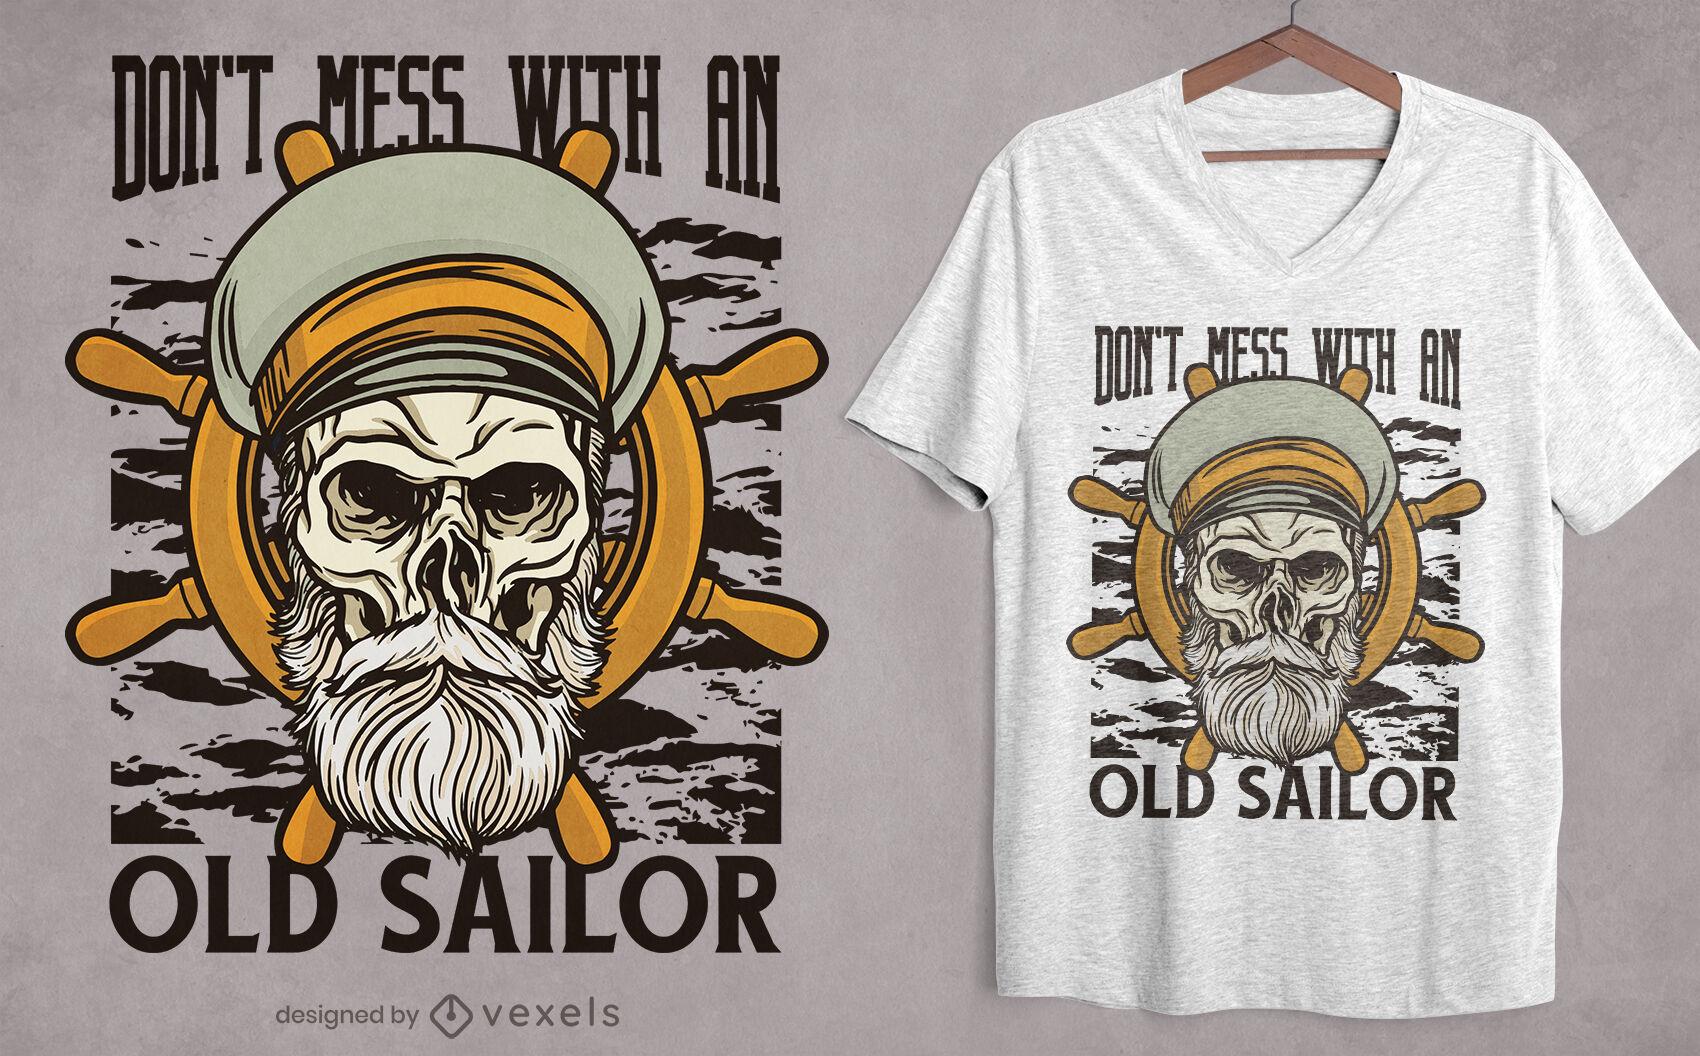 Dise?o de camiseta de ilustraci?n de calavera de marinero